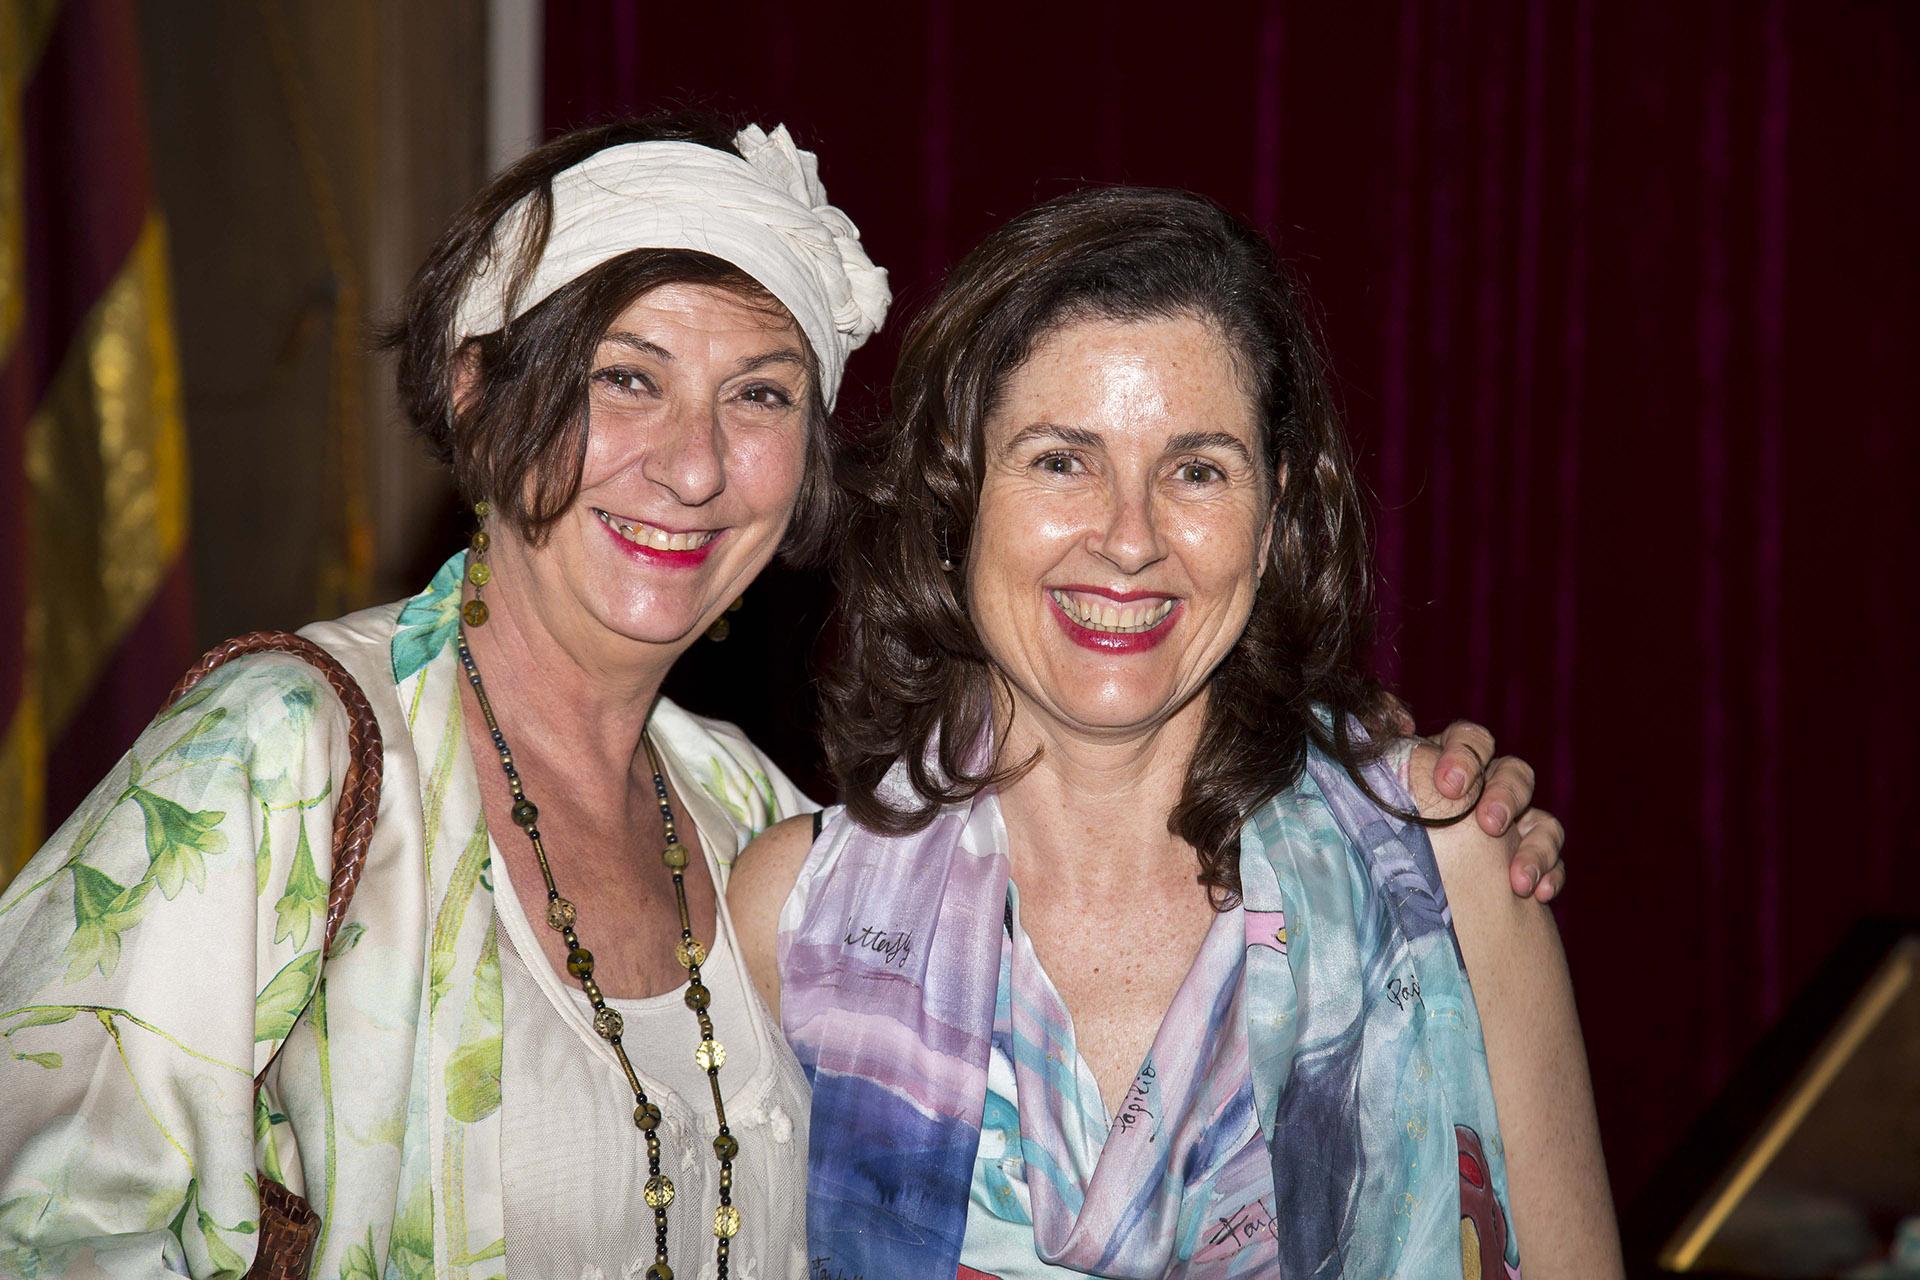 La diseñadora Paca Cordellat con Ruth de la Puerta explicando la exposición. Fotografía: Baúl de fotos.